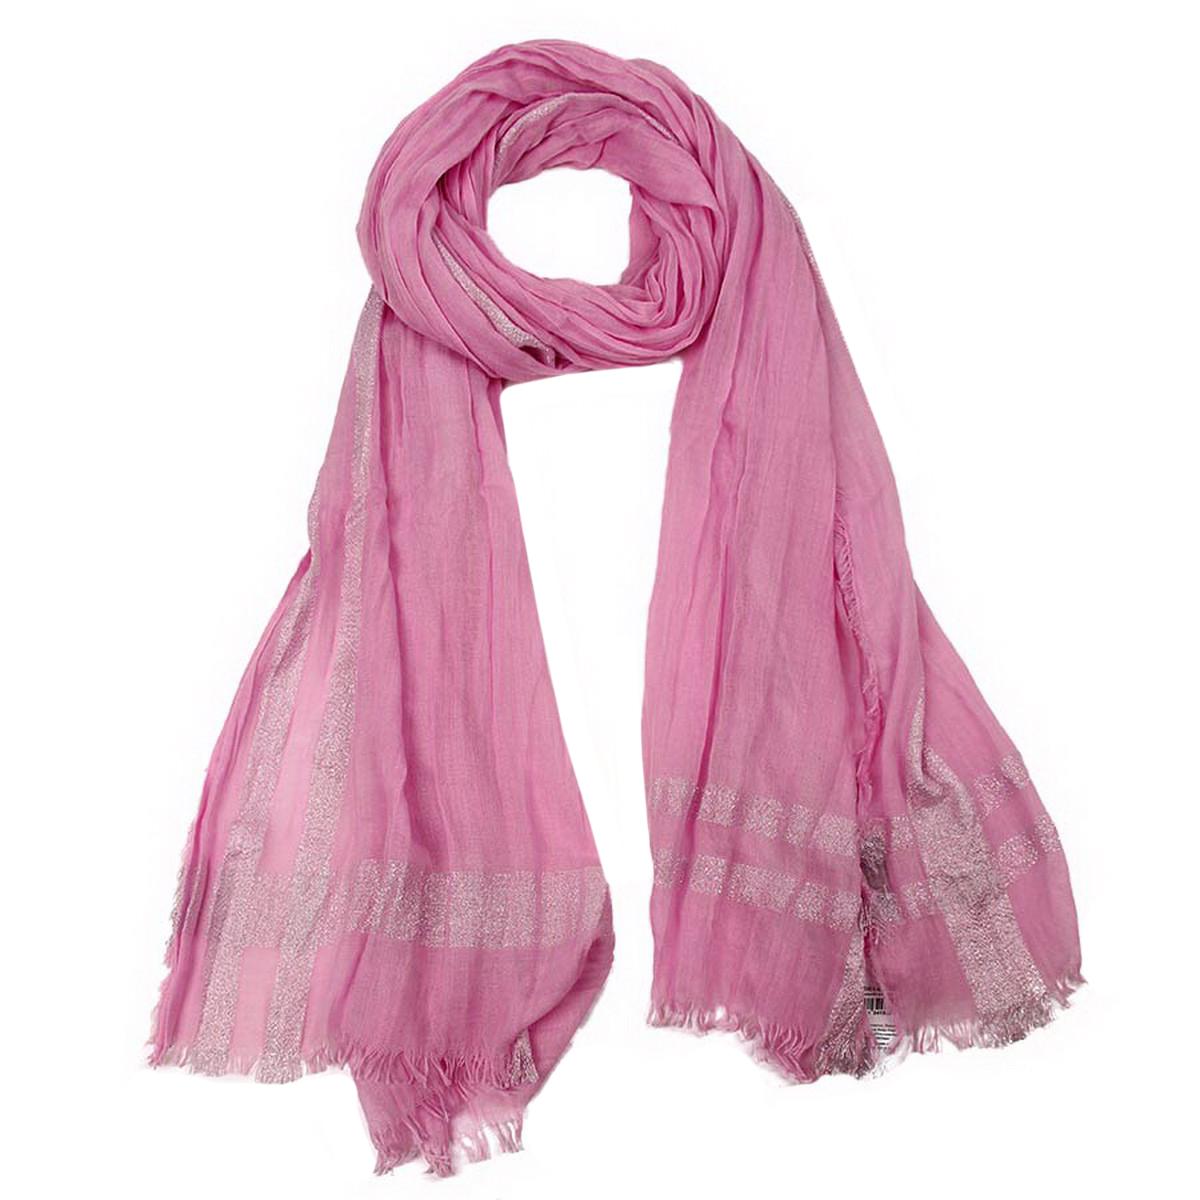 Палантин Venera, цвет: розовый, серебристый. 3413241. Размер 70 см х 200 см3413241Палантин Venera выполнен из вискозы с добавлением шелка. Материал мягкий, уютный и приятный на ощупь. Модель выполнена в однотонном дизайне. Отличный выбор для повседневного городского образа.